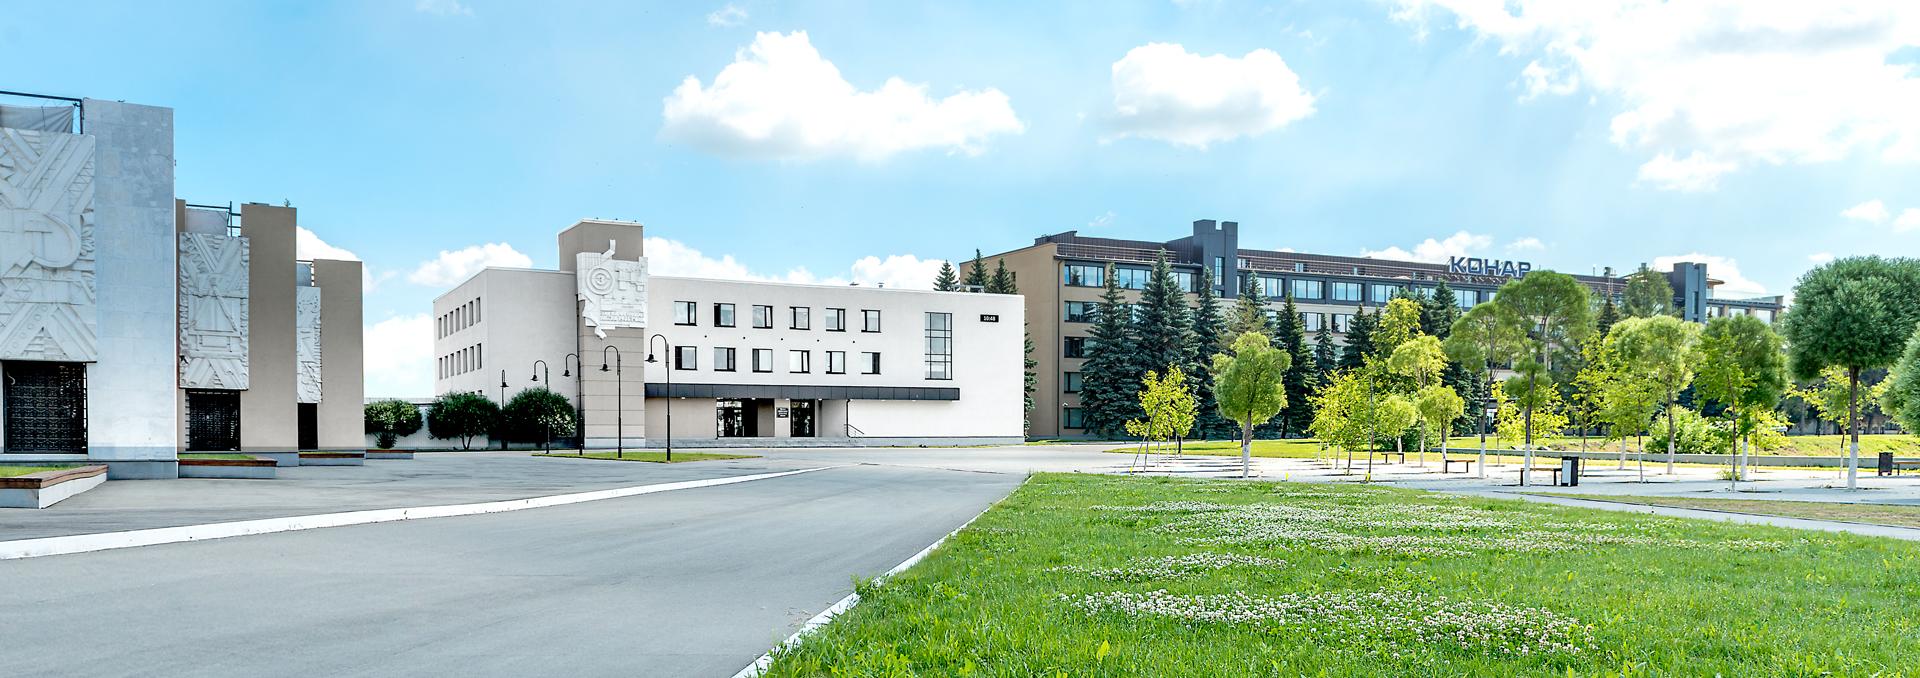 Музей трудовой и боевой славы «СТАНКОМАШ»